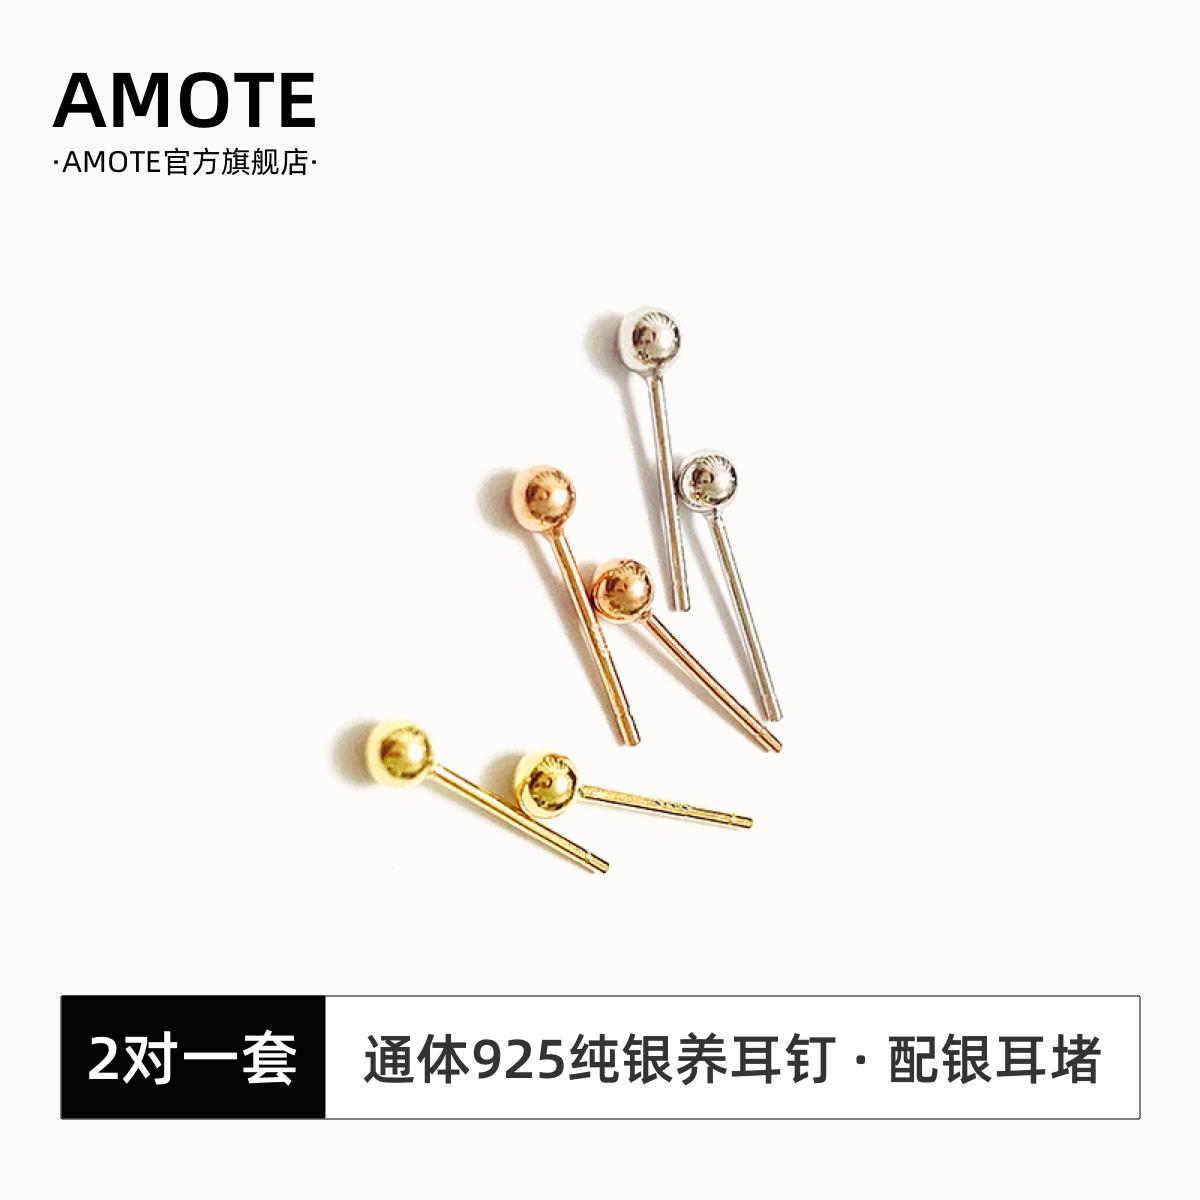 点击查看商品:AMOTE 纯银S925银豆豆养耳洞防过敏耳钉耳棒小巧睡觉不用摘 2对